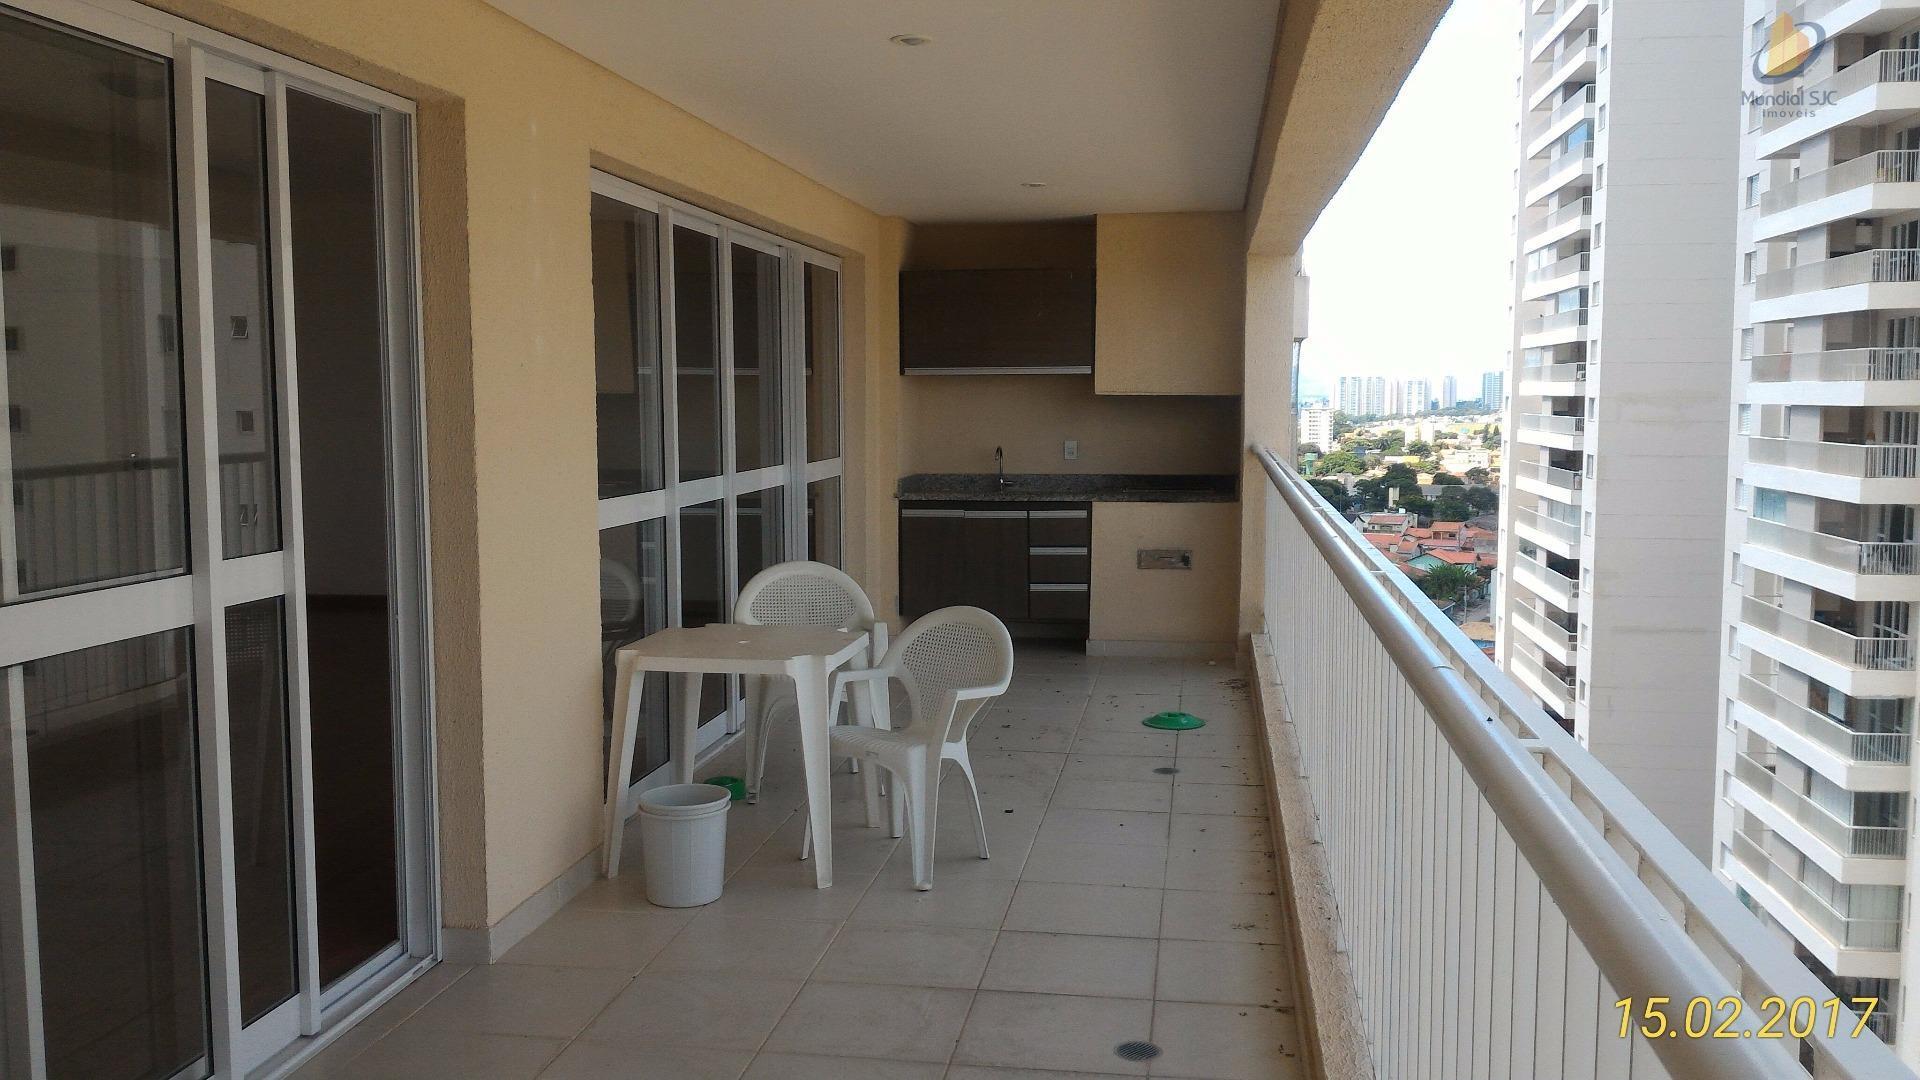 Imagens de #74644C  para locação Jardim das Indústrias São José dos Campos AP9592 1920x1080 px 3198 Box Acrilico Para Banheiro Sao Jose Dos Campos